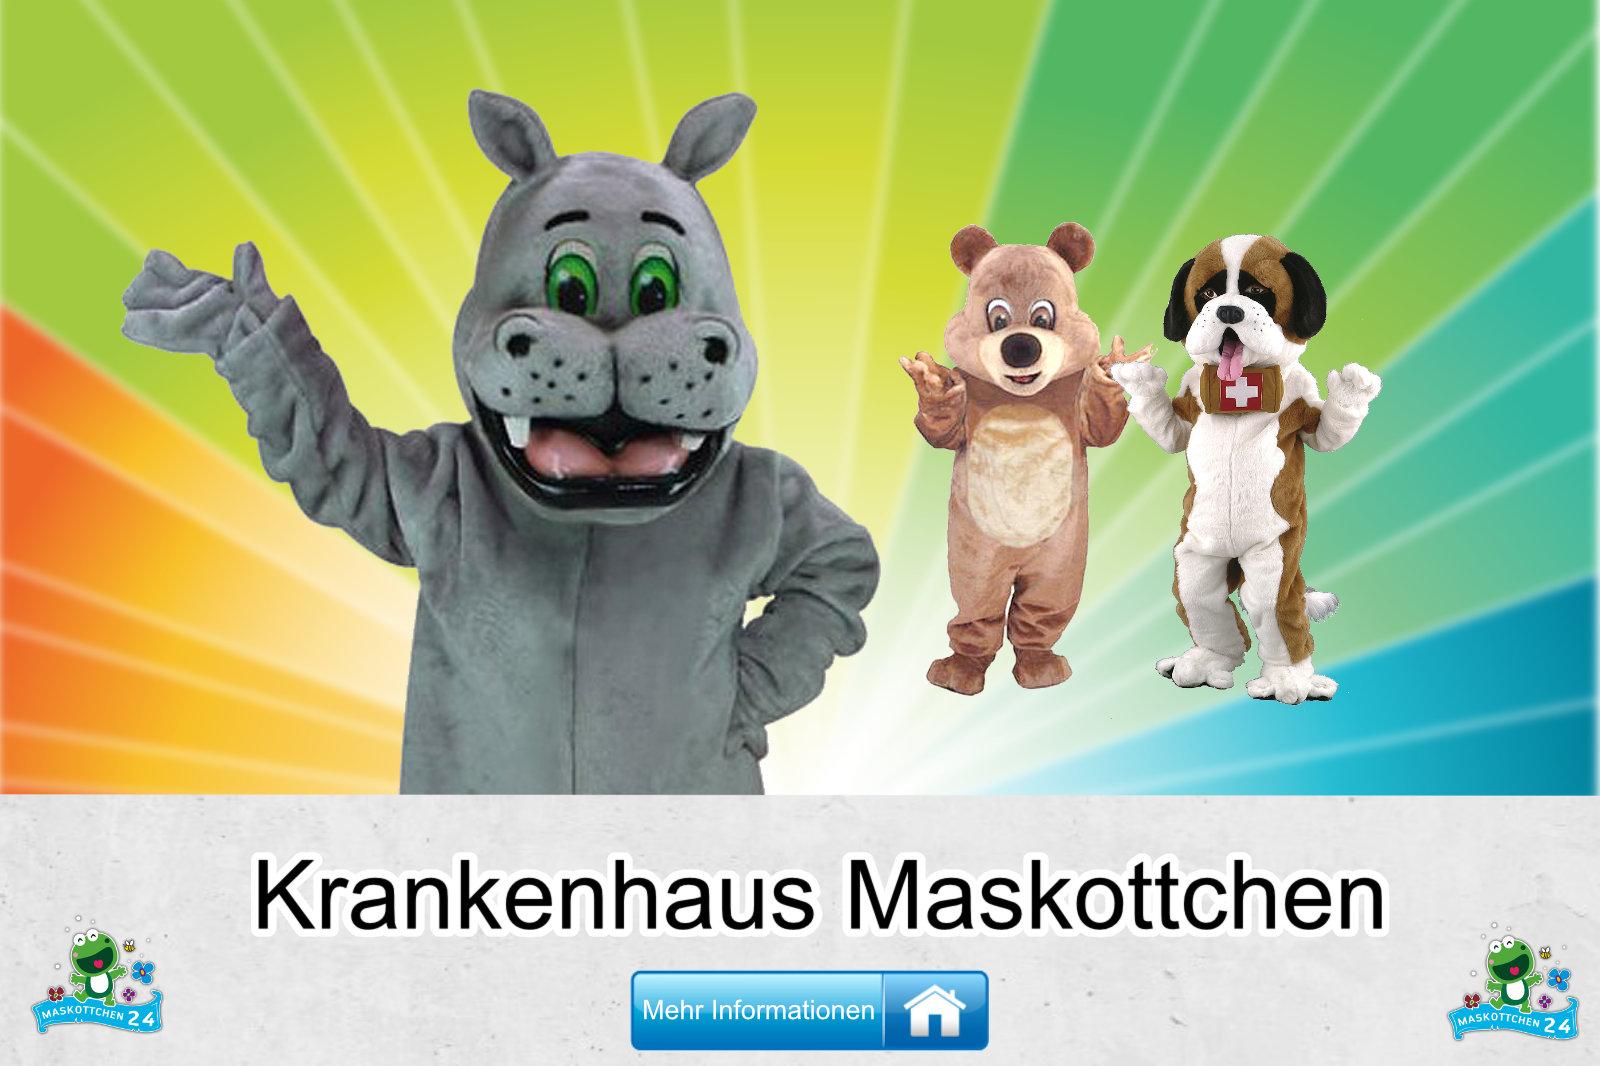 Kostüm Maskottchen Günstig-Kaufen Produktion Krankenhaus